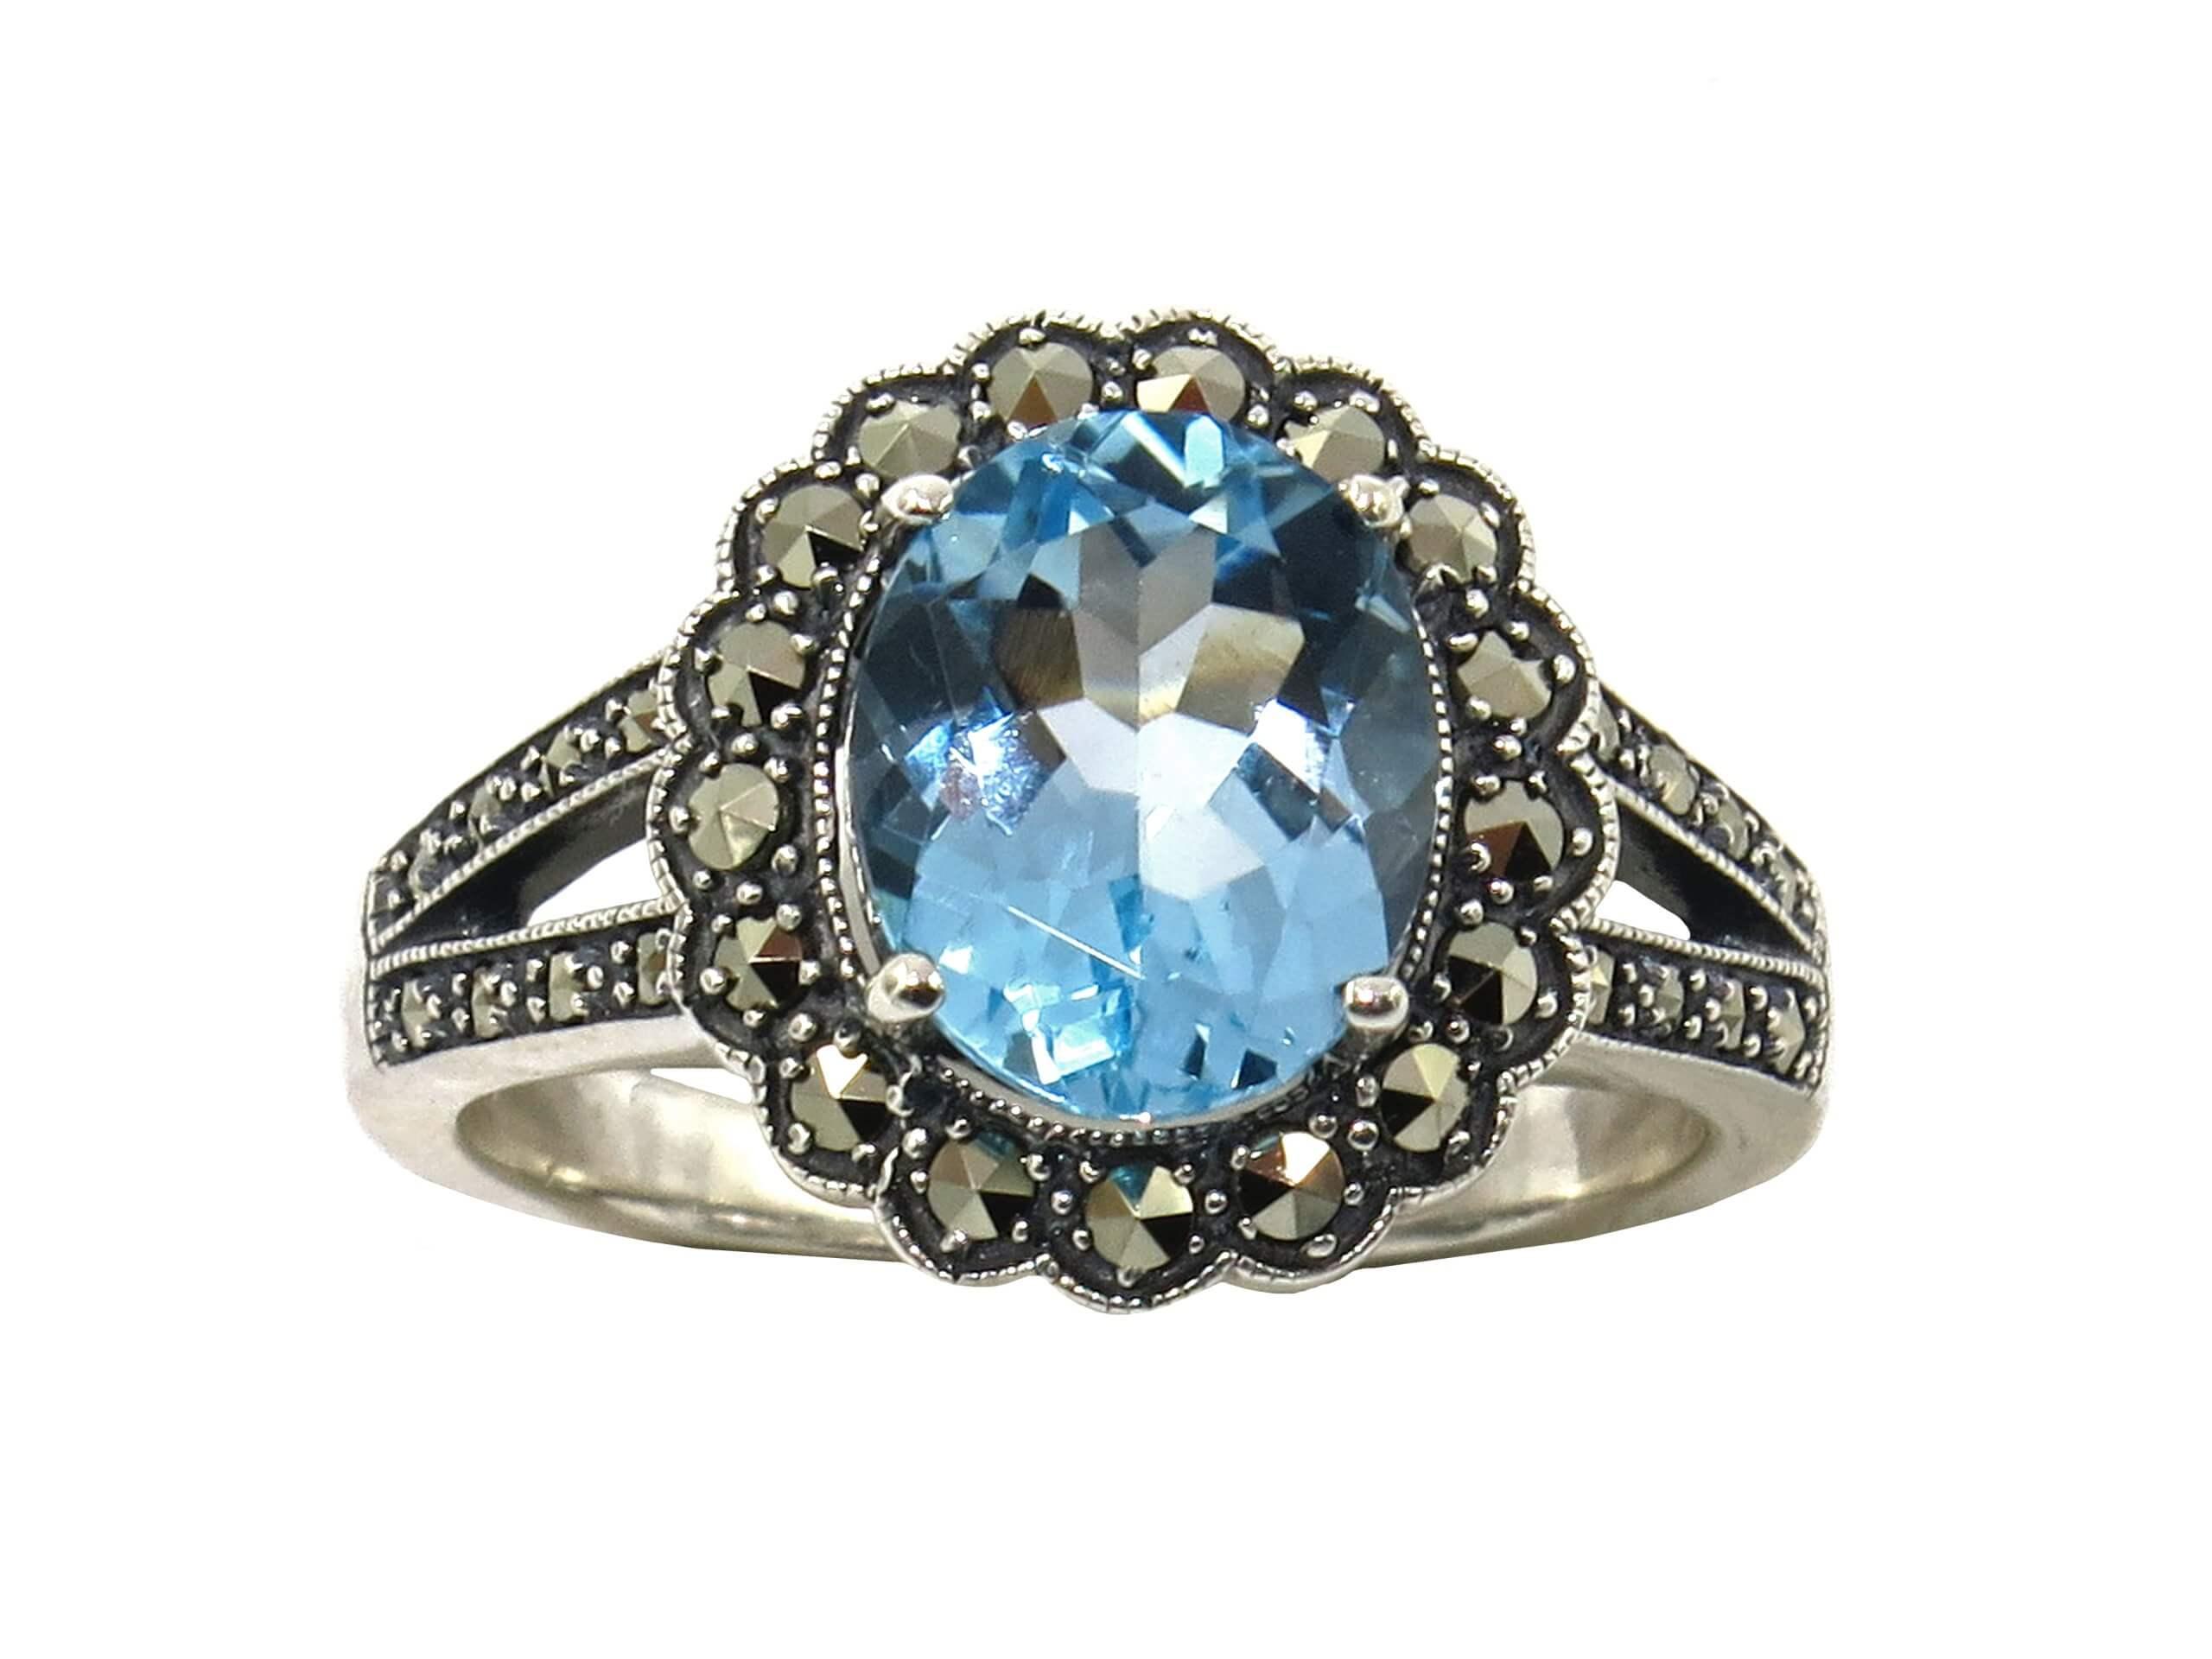 BLUE TOPAZ RING MJ24556